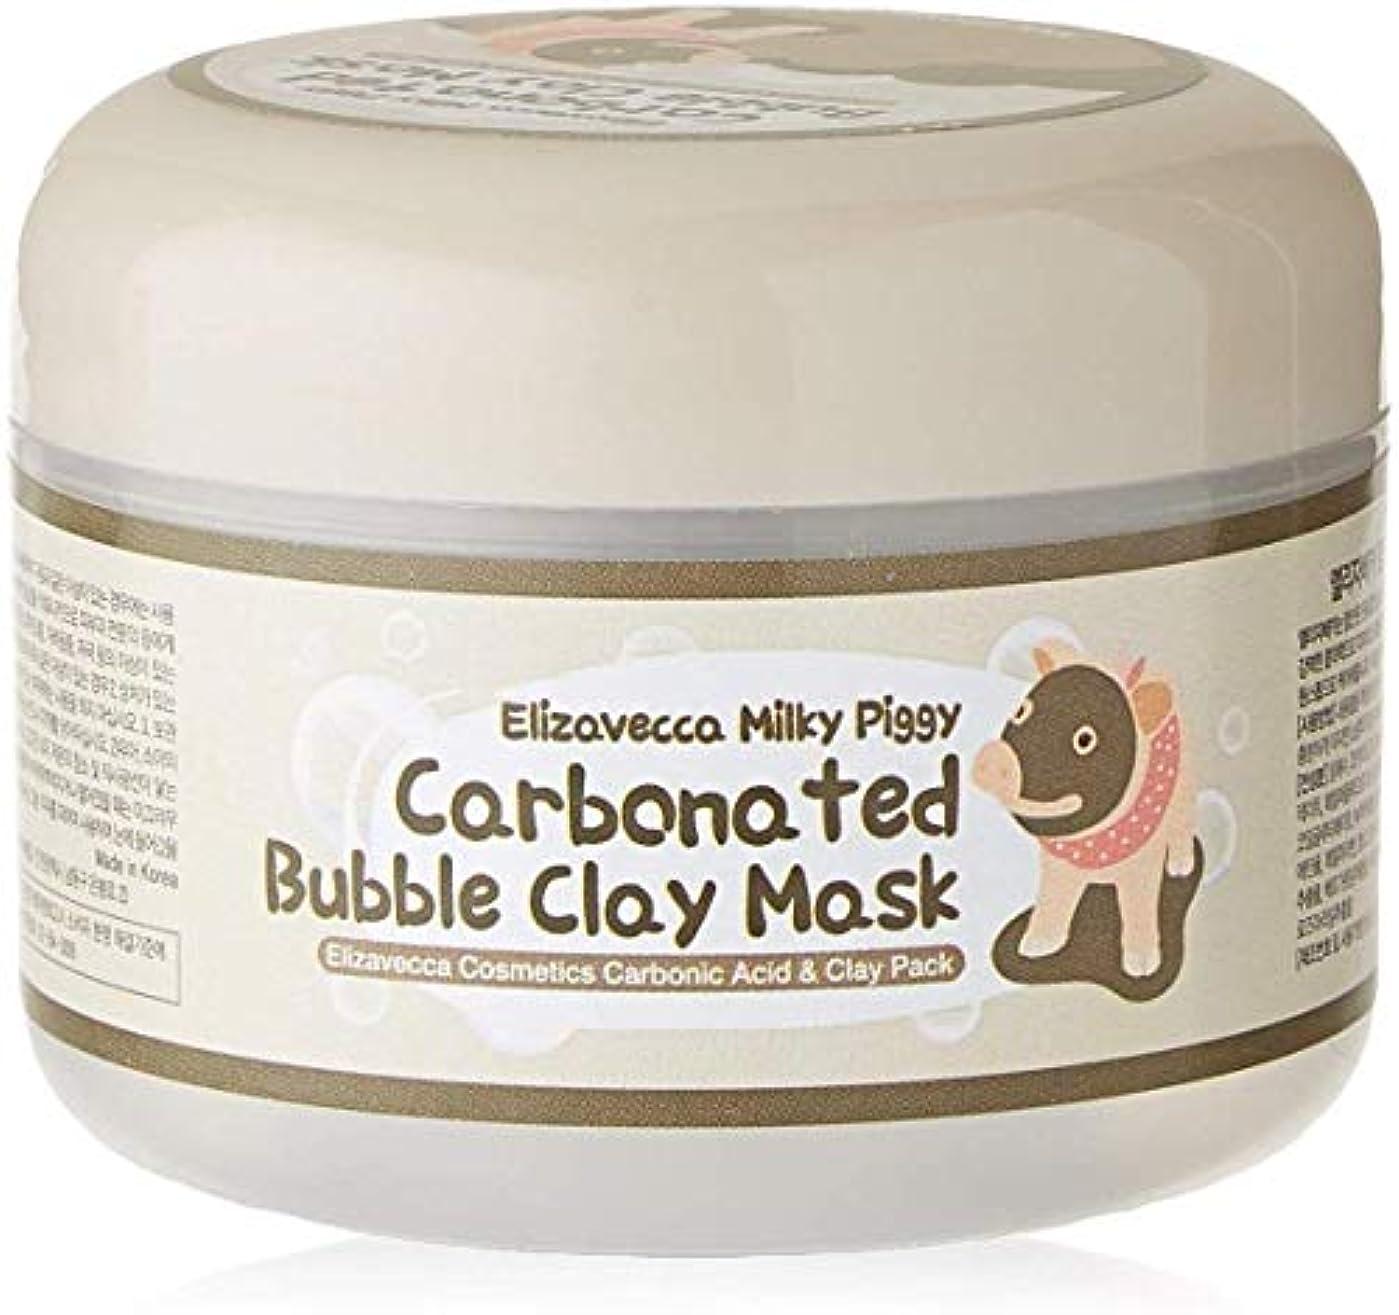 偽装する男らしい記念日Elizavecca Milky Piggy Carbonated Bubble Clay Mask 100g -2 Packs